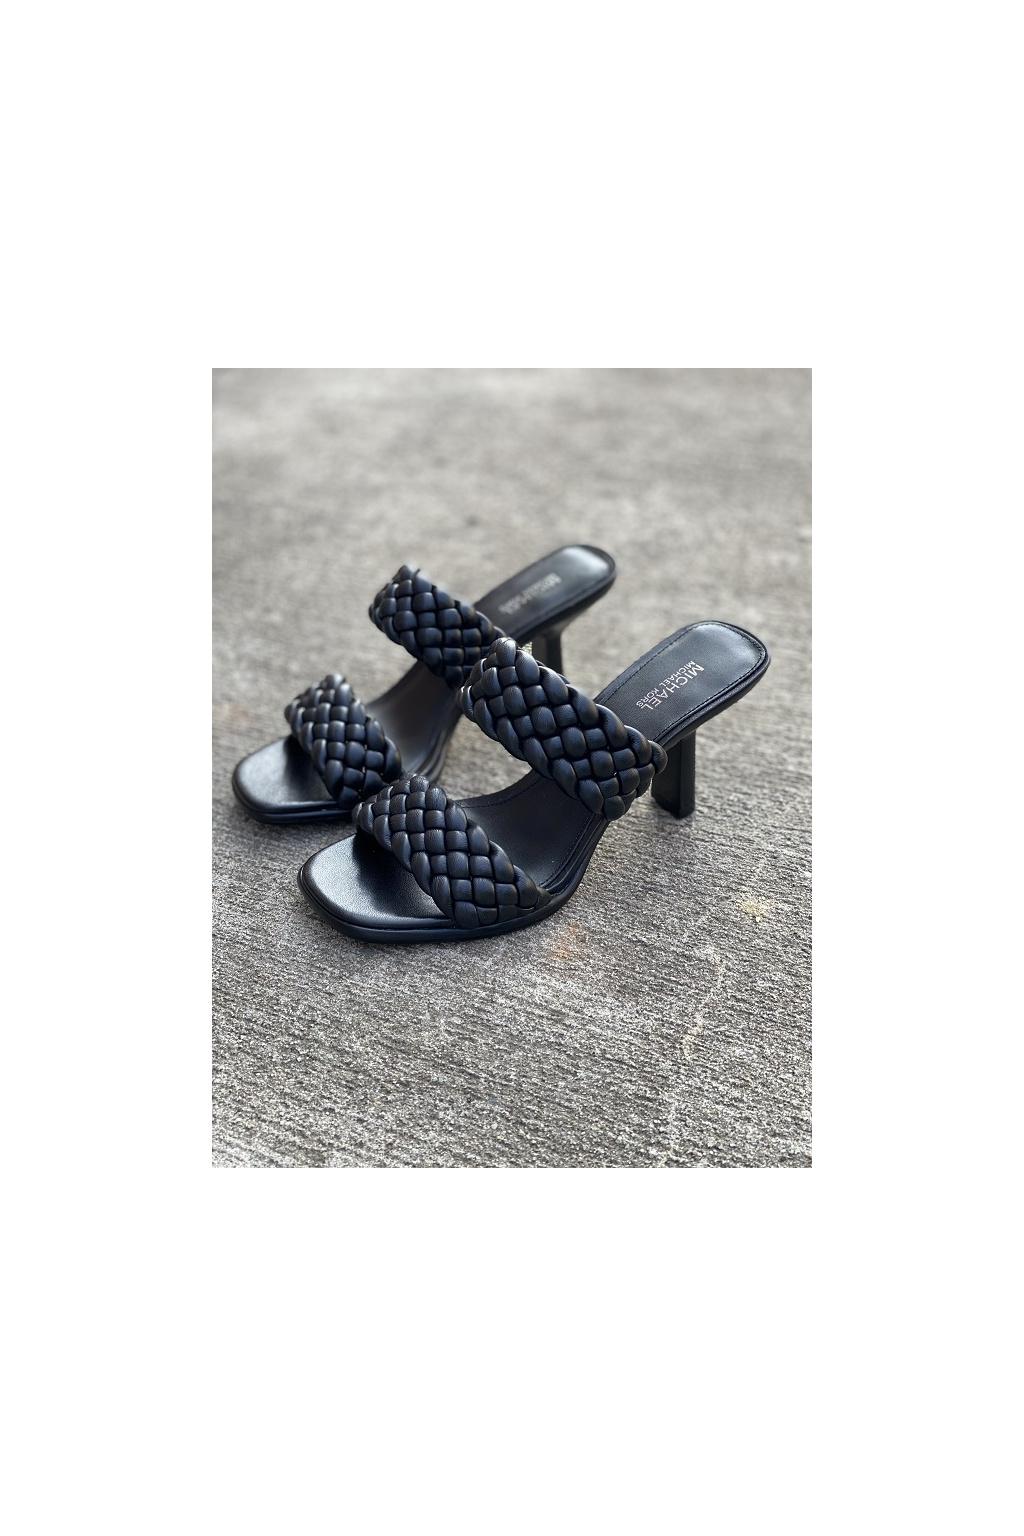 Dámské sandály Michael Kors Amelia Mule Nappa Faux Leather černé